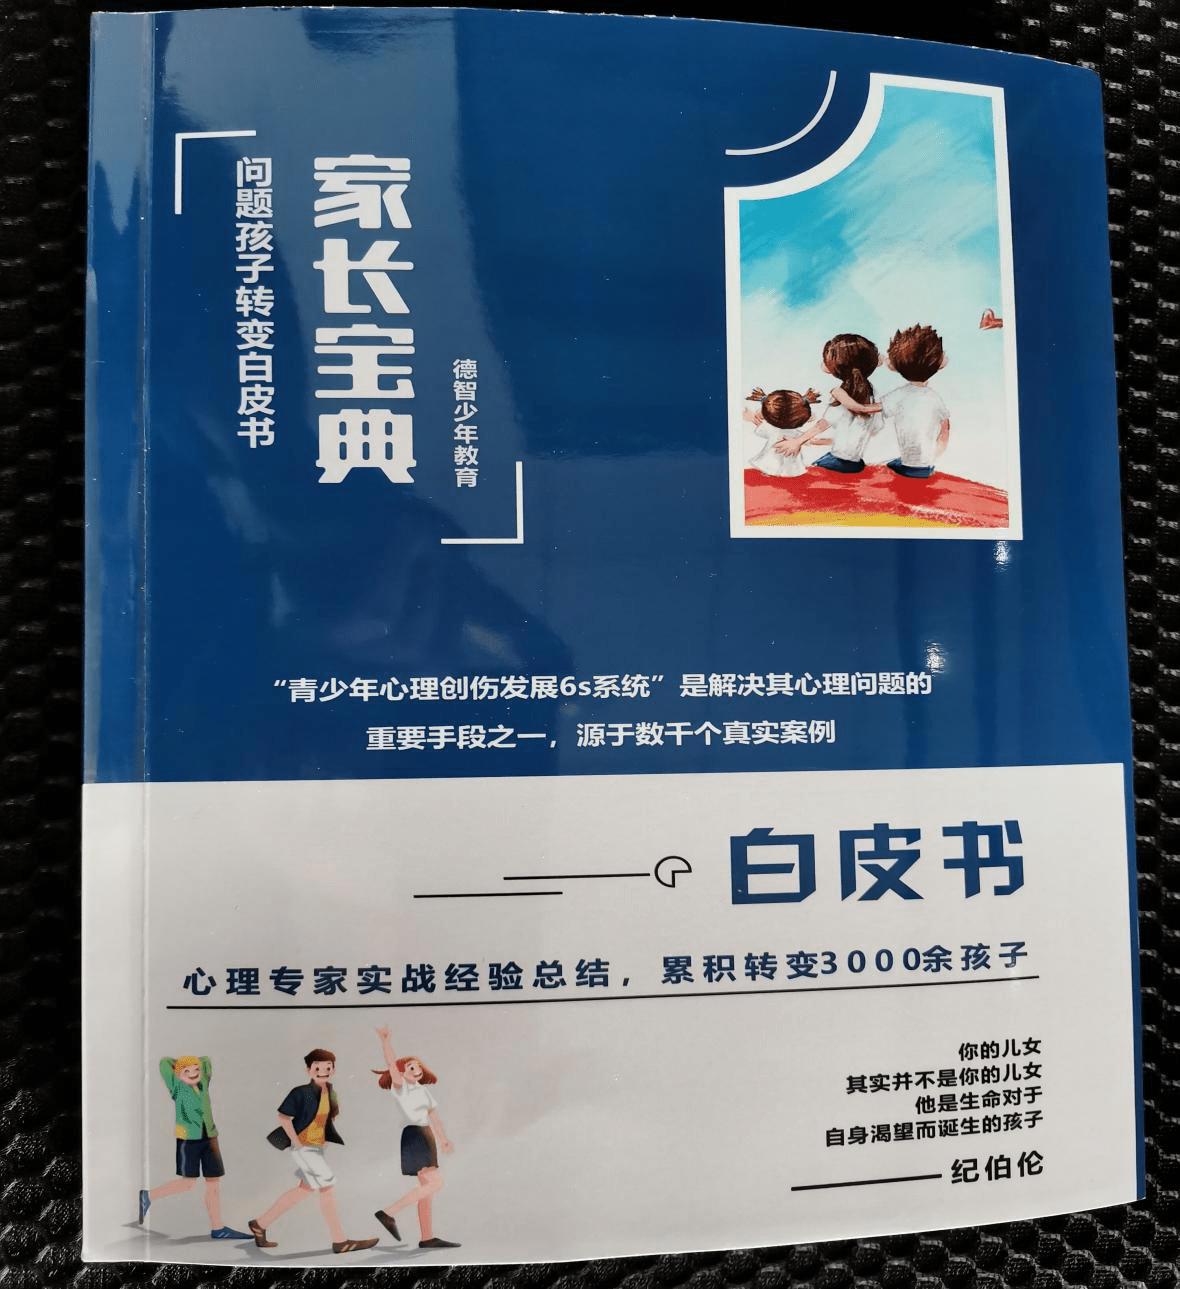 青少年心理健康手册 青少年心理健康的重要性